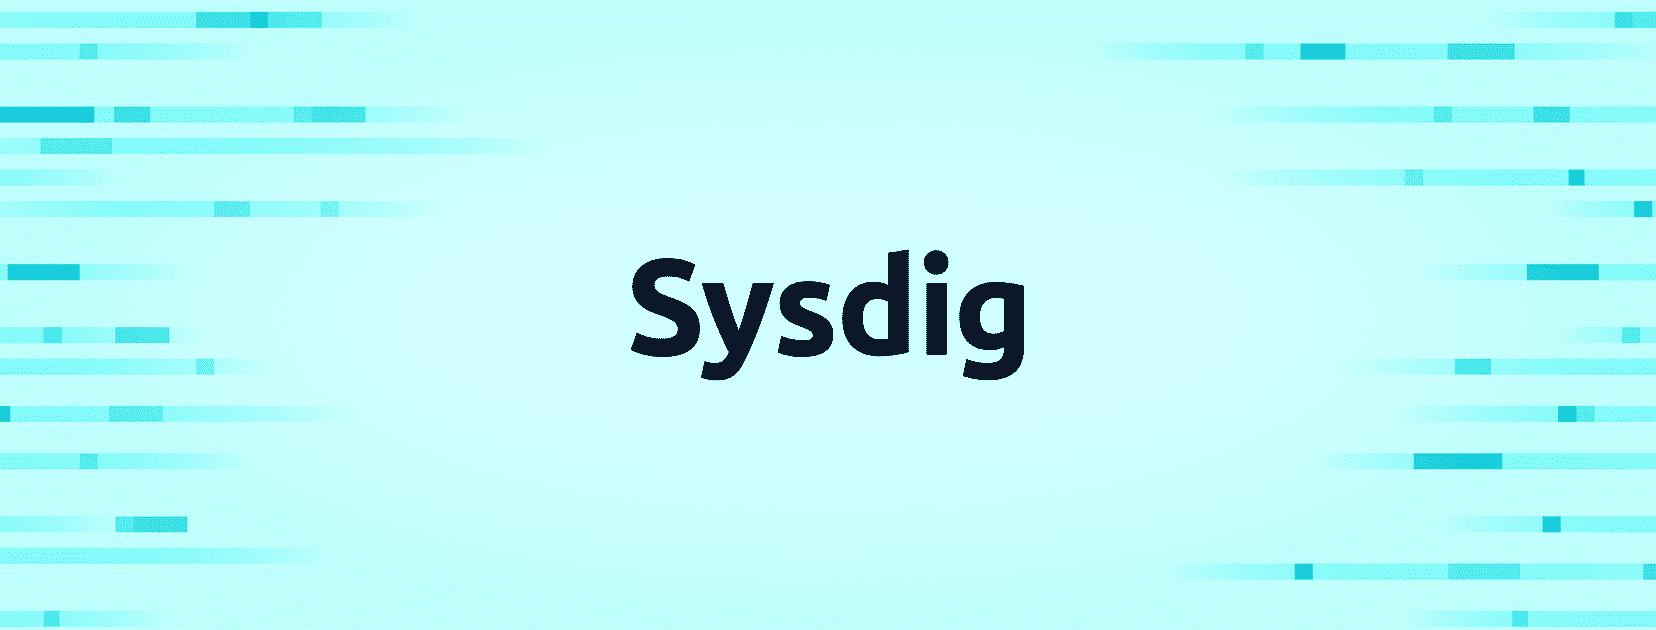 Доклад Sysdig об использовании контейнеров за 2019: новые сведения о Kubernetes и безопасности - 1